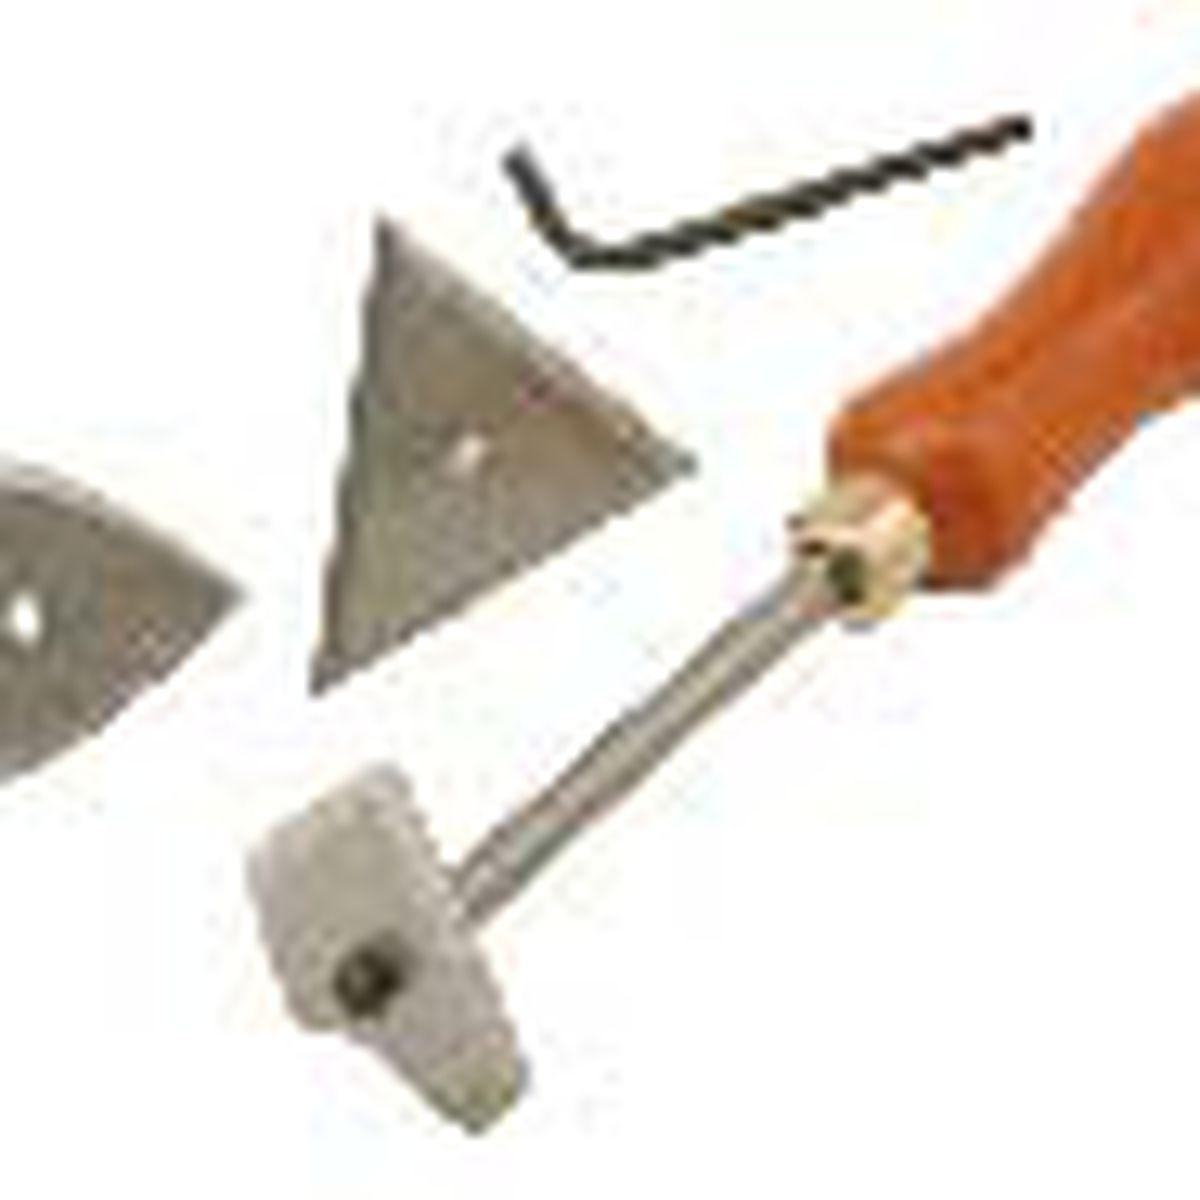 molding scraper